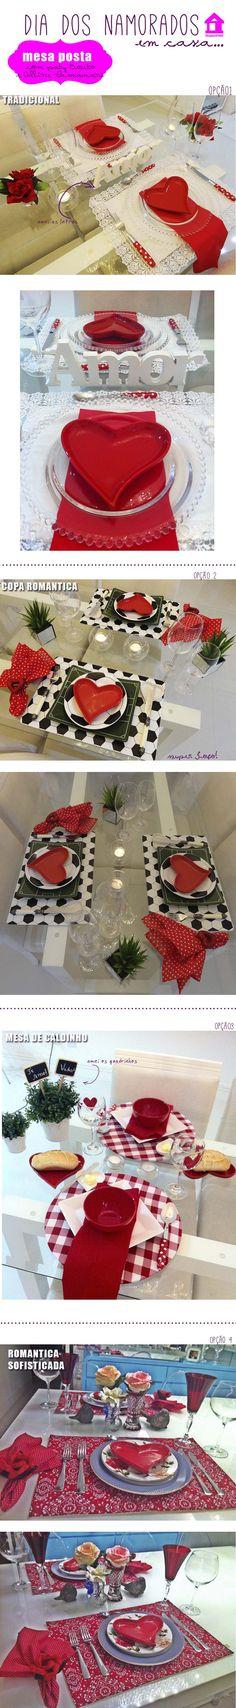 Tablescapes valentines day mesa posta para o namorado dia dos namorados decor table